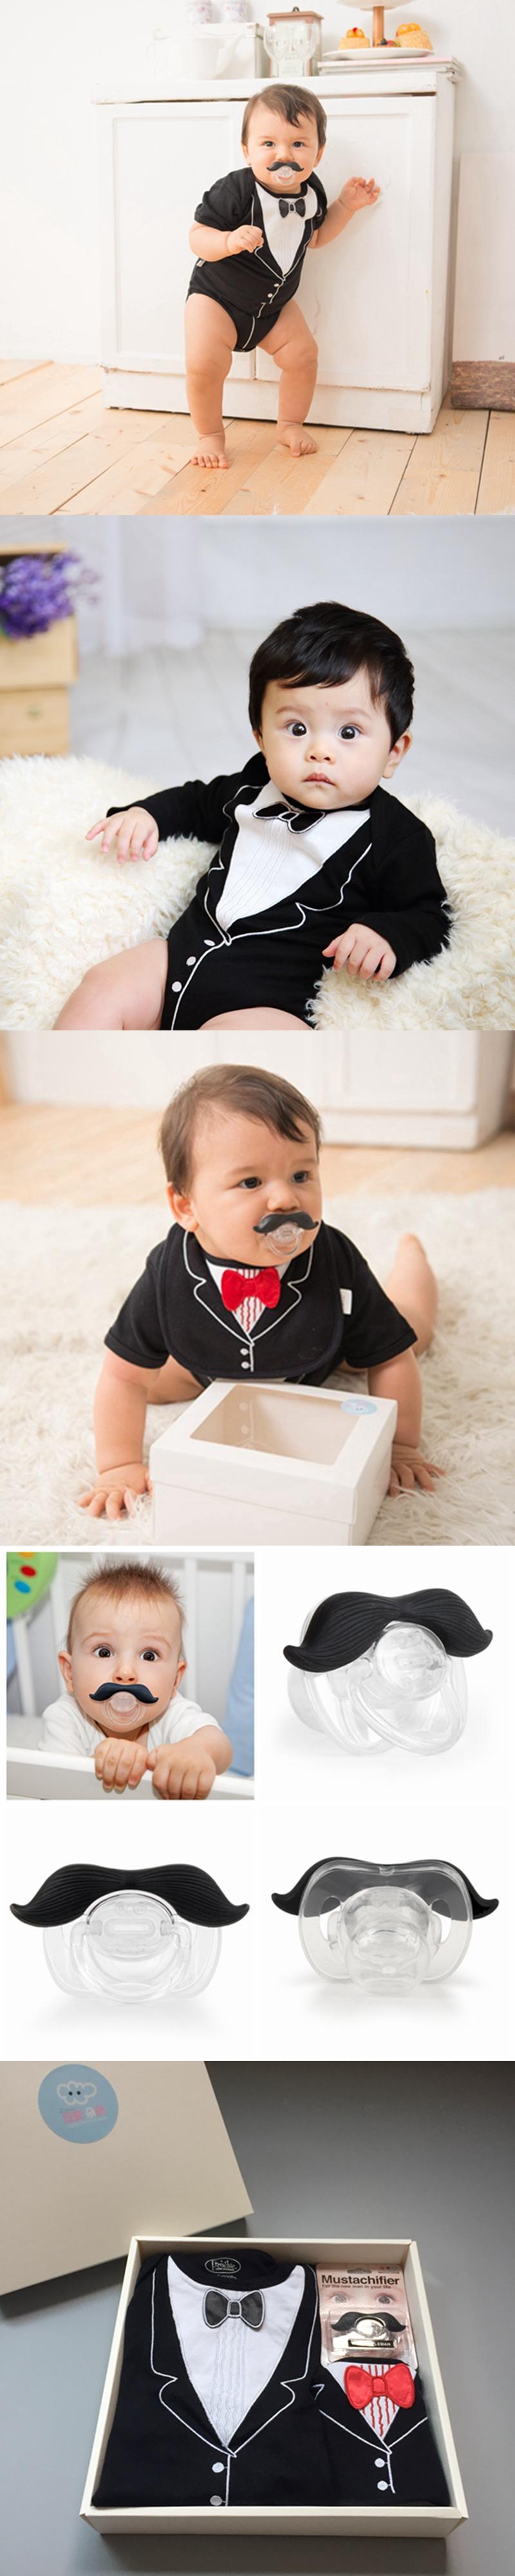 美國FMC X Hipsterkid 男嬰禮盒 - 李傲納多宴會版 (連身衣+圍兜+奶嘴) (18個月)